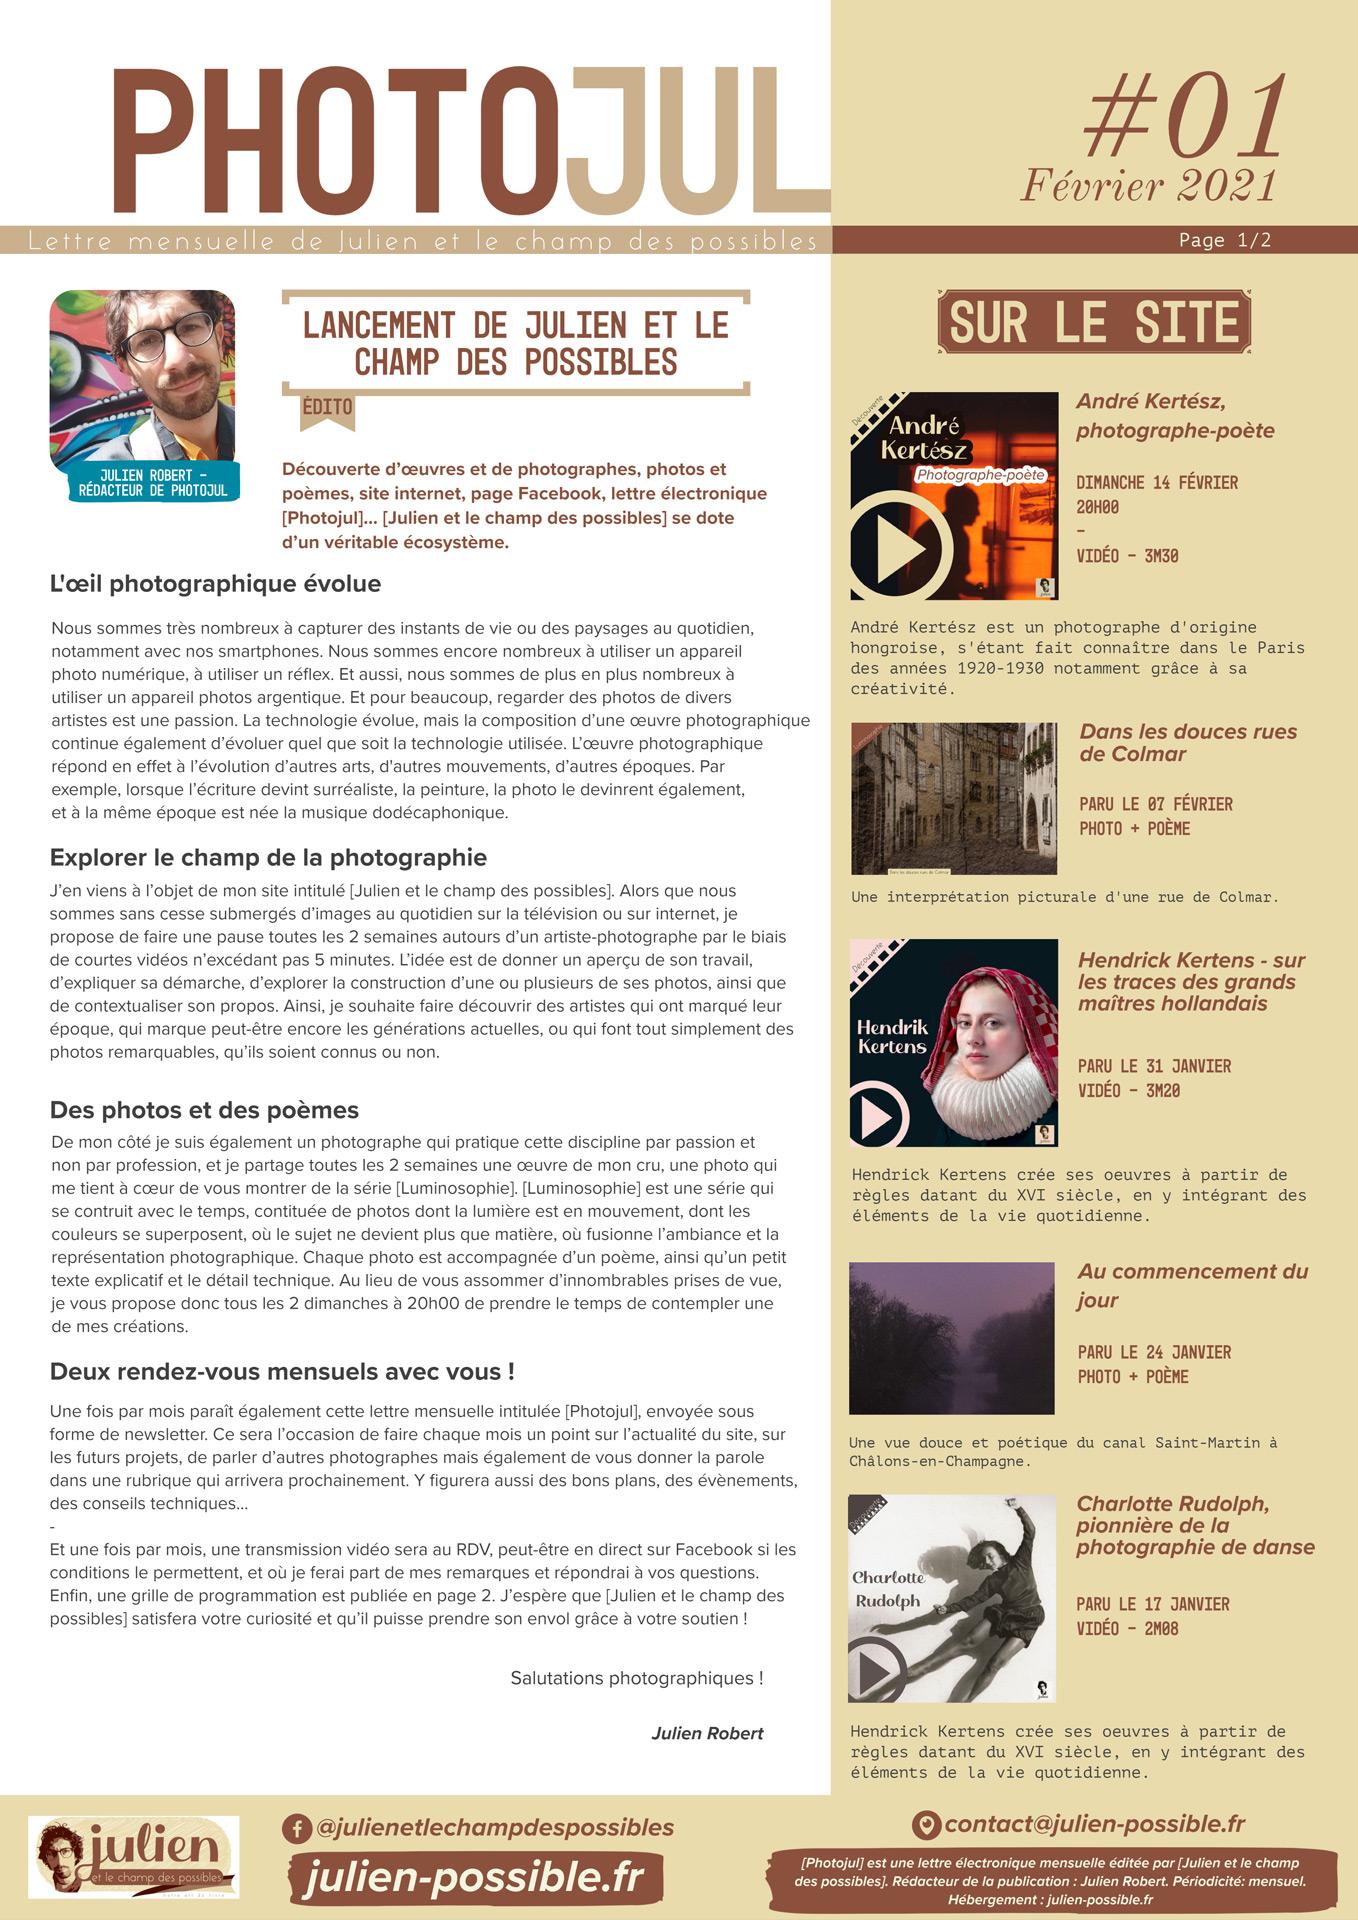 Photojul #01 - Février 2021 - Page 01 - Julien et le champ des possibles - Julien Robert photographe